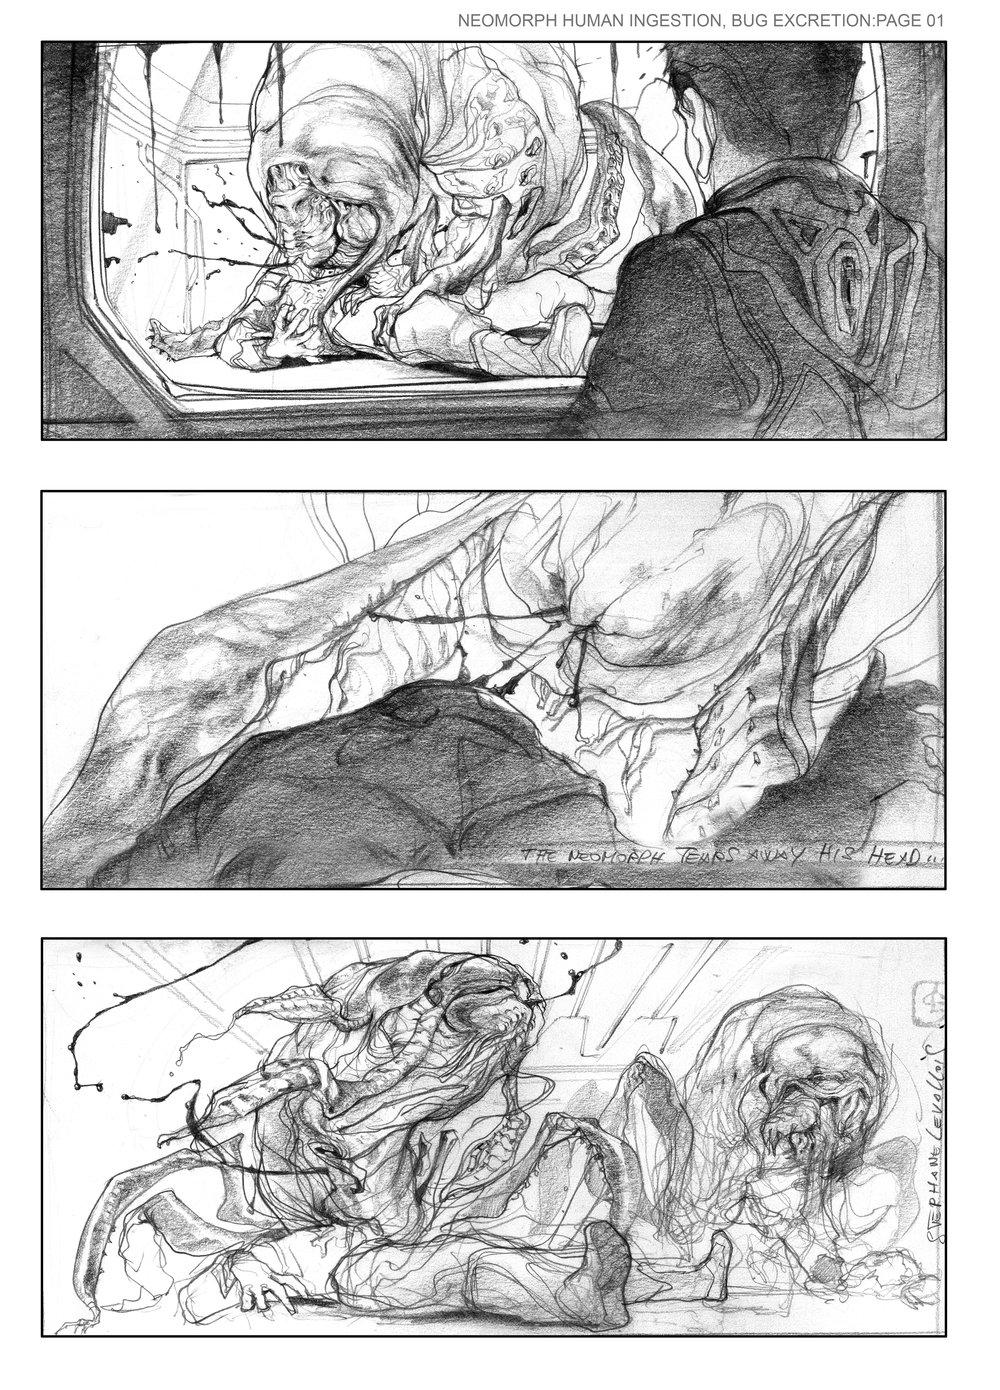 PAR_Neomorph_storyboard_SL01.page01.jpg